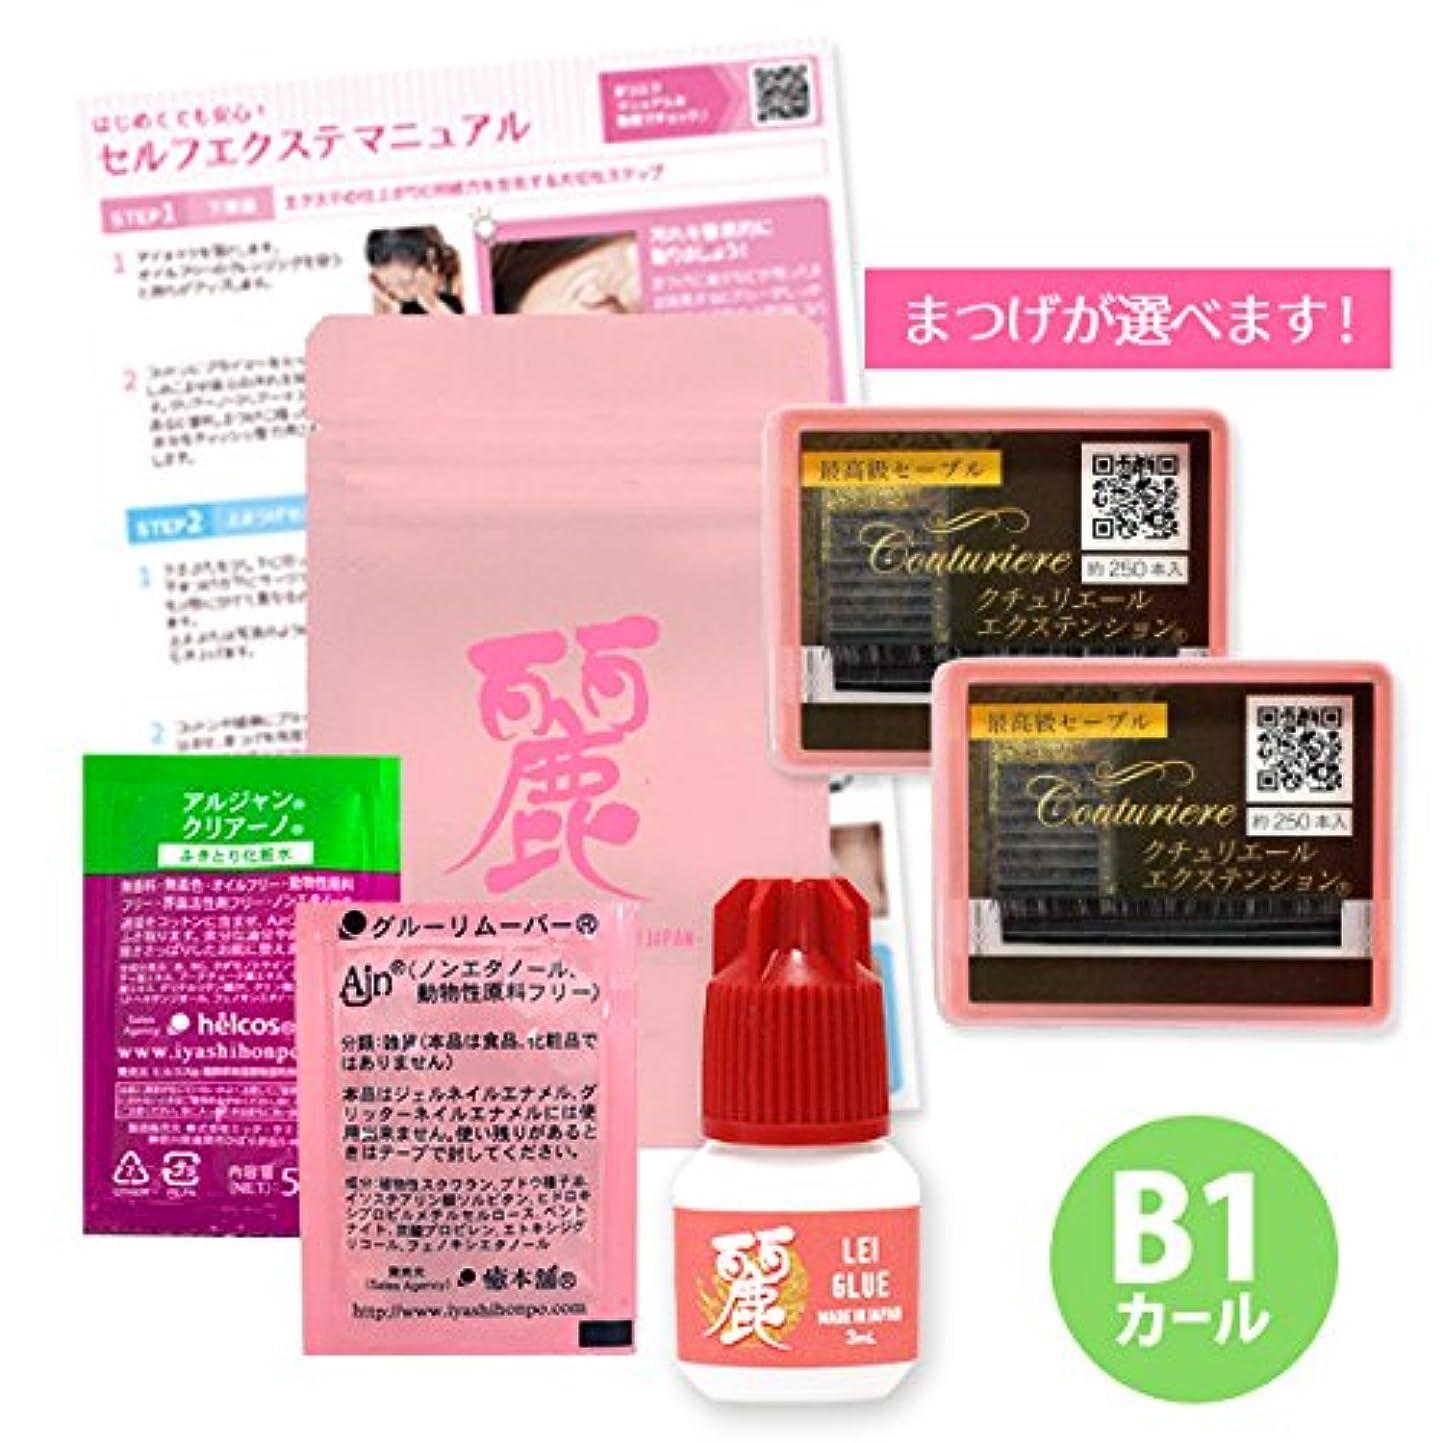 不屈ずるい反響するマツエク セルフ キット クチュリエール1列×2個と日本製 超低刺激グルー B1カール マニュアル付き (0.15mm 6?7mm)